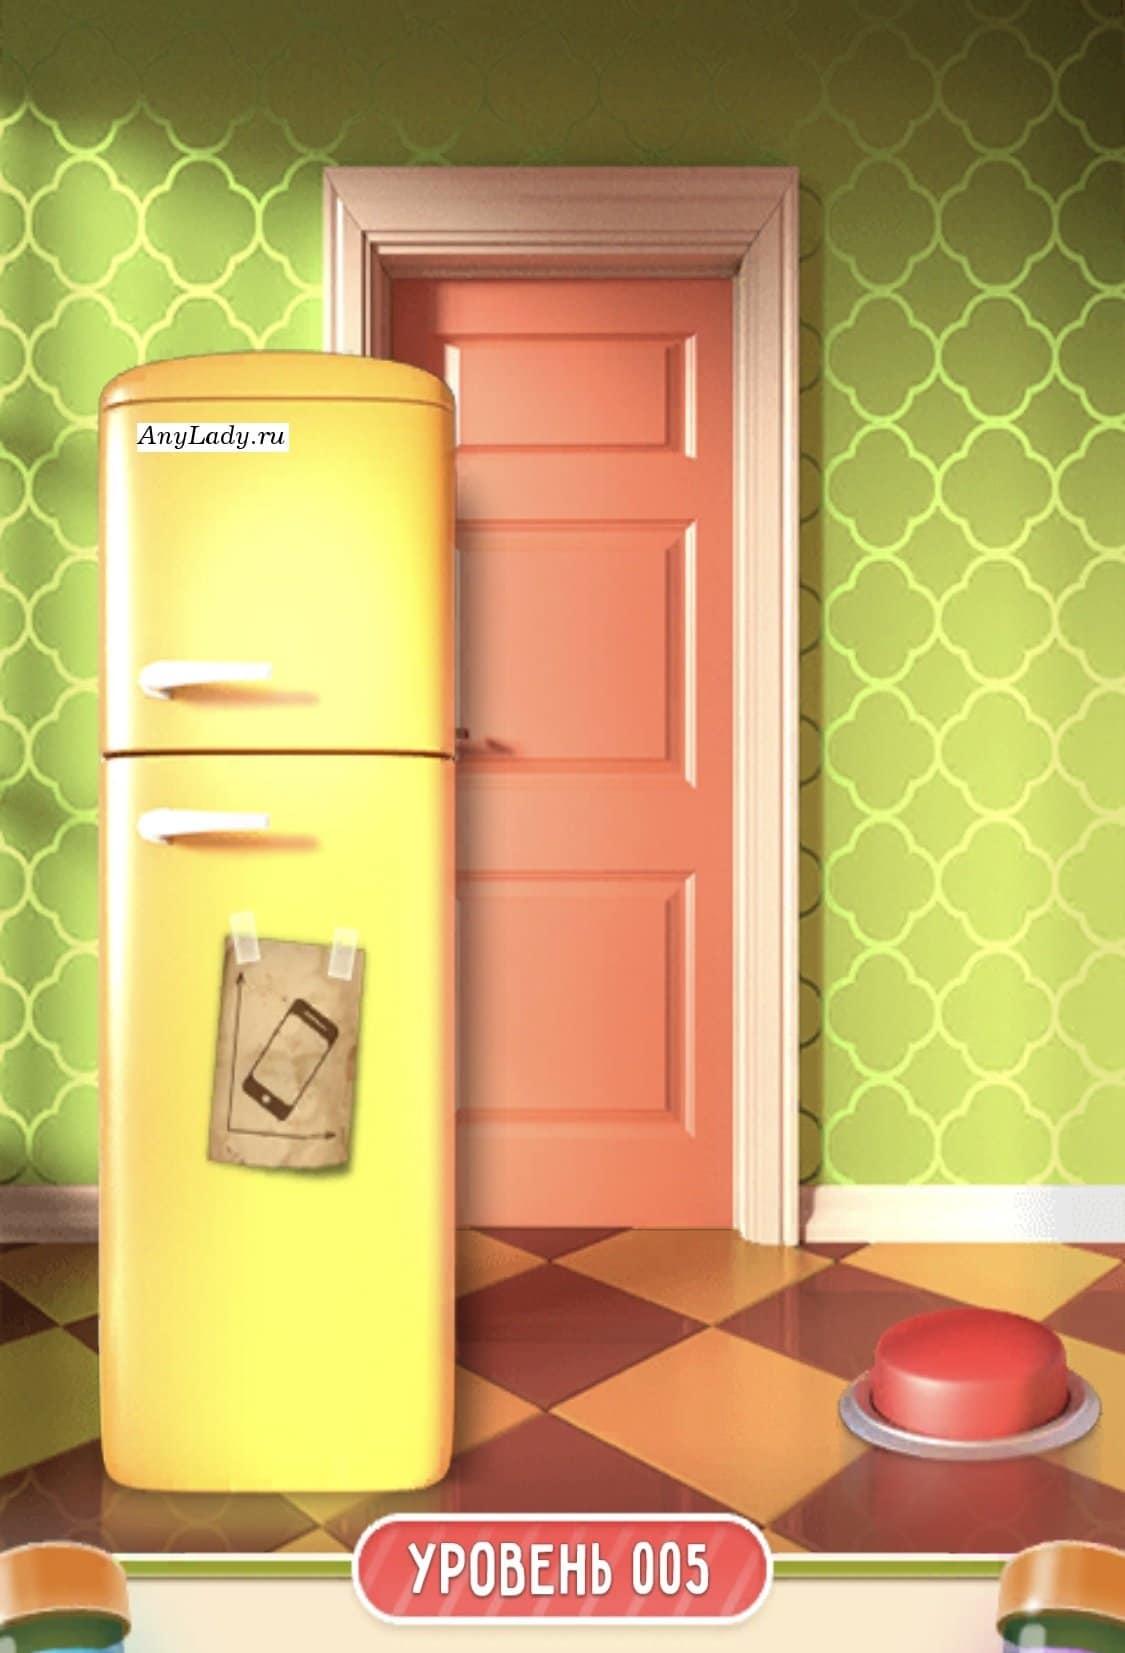 Вам будет необходимо передвинуть холодильник. Наклоните устройство по часовой стрелке и холодильник переместится на кнопку, тем самым активировав механизм открывания двери.